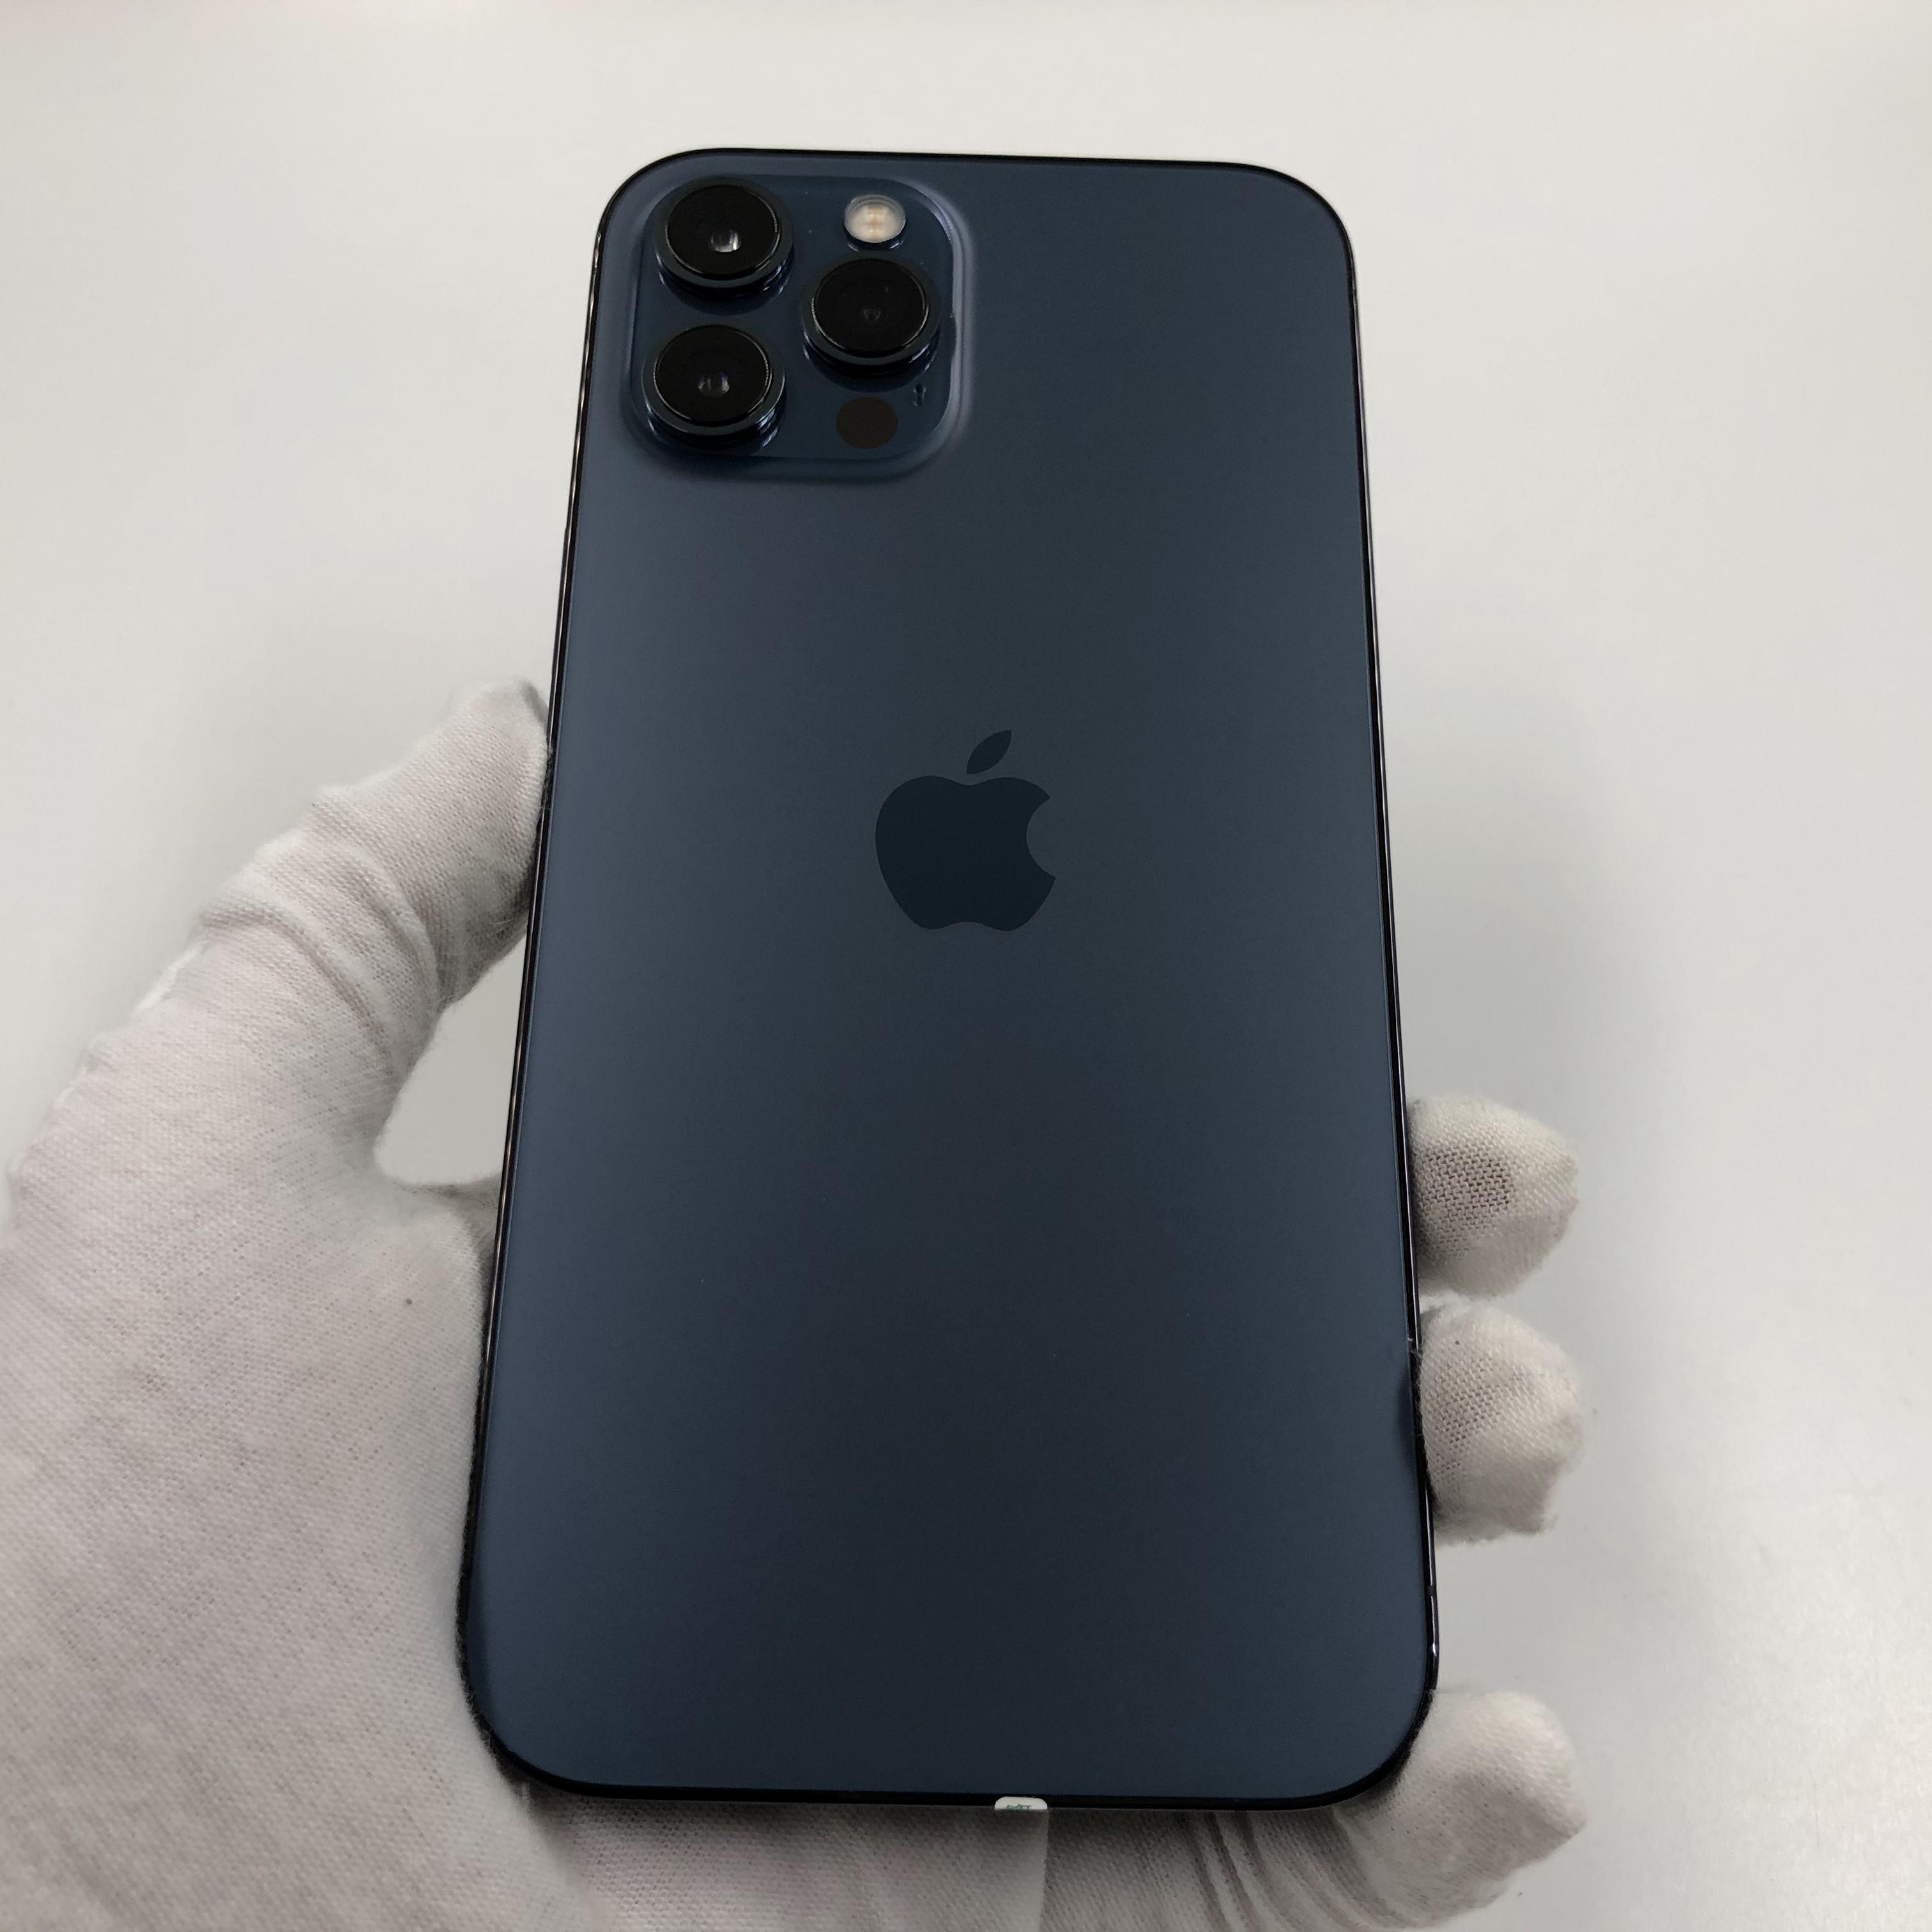 苹果【iPhone 12 Pro Max】4G全网通 海蓝色 256G 国行 95新 真机实拍官保2022-04-14